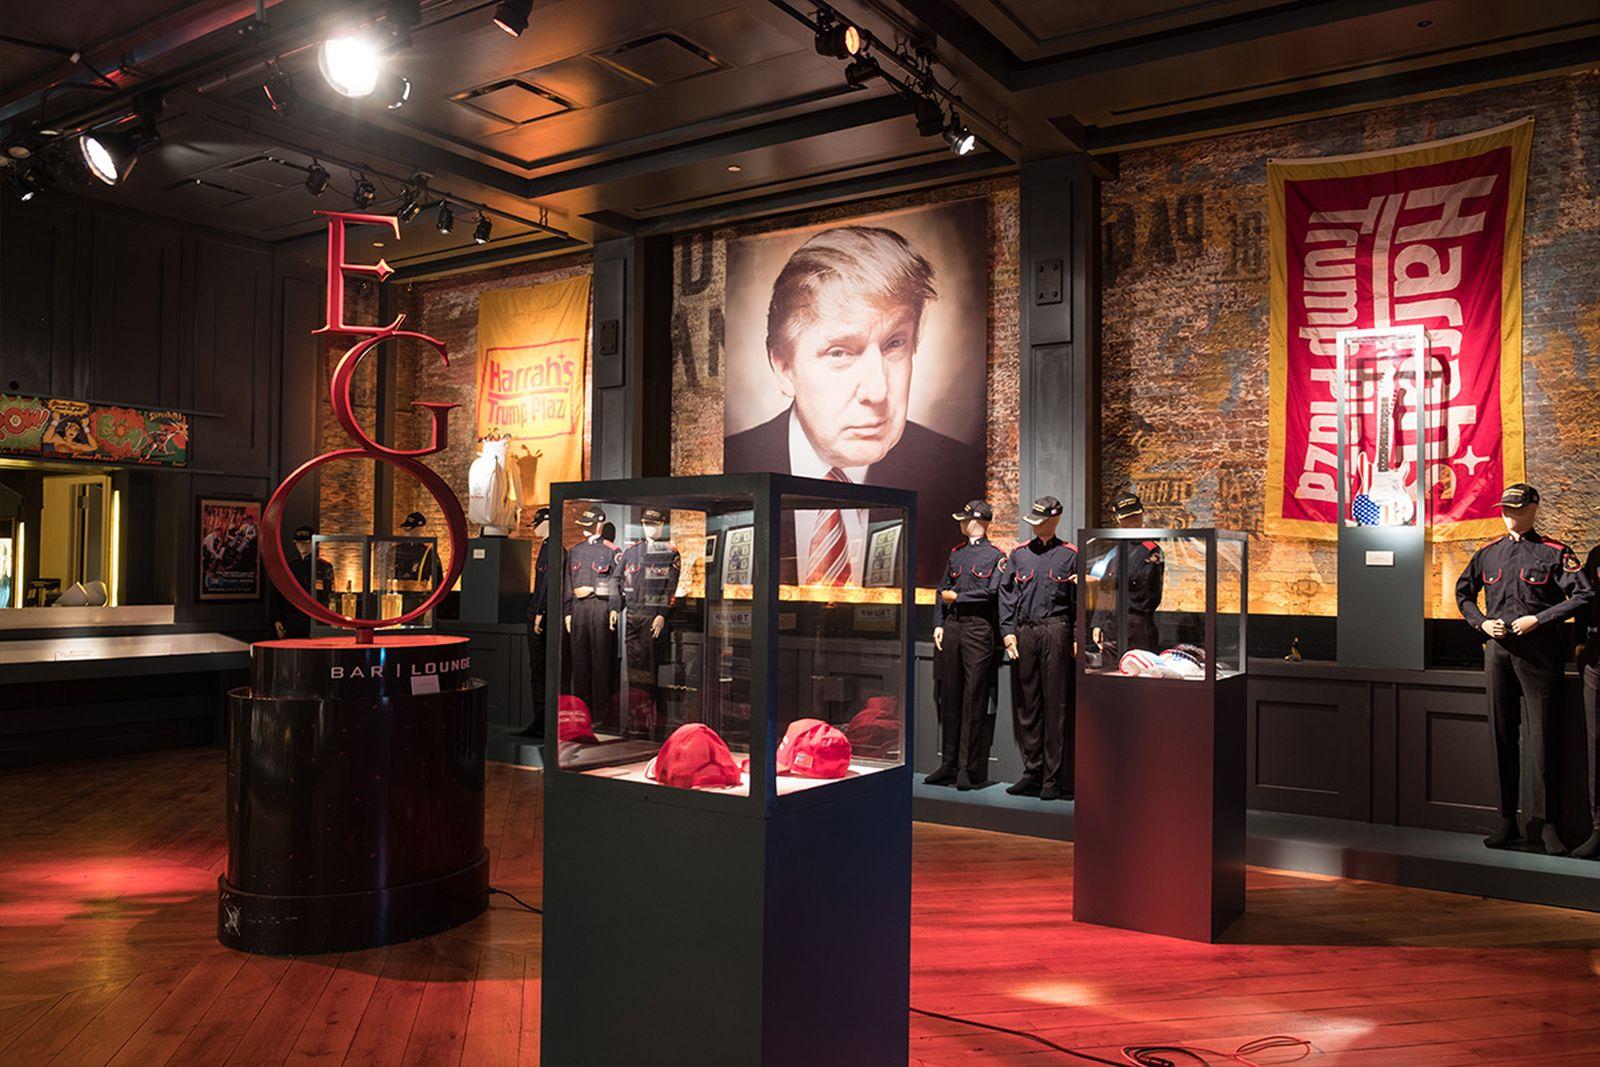 andres serrano donald trump exhibition Supreme